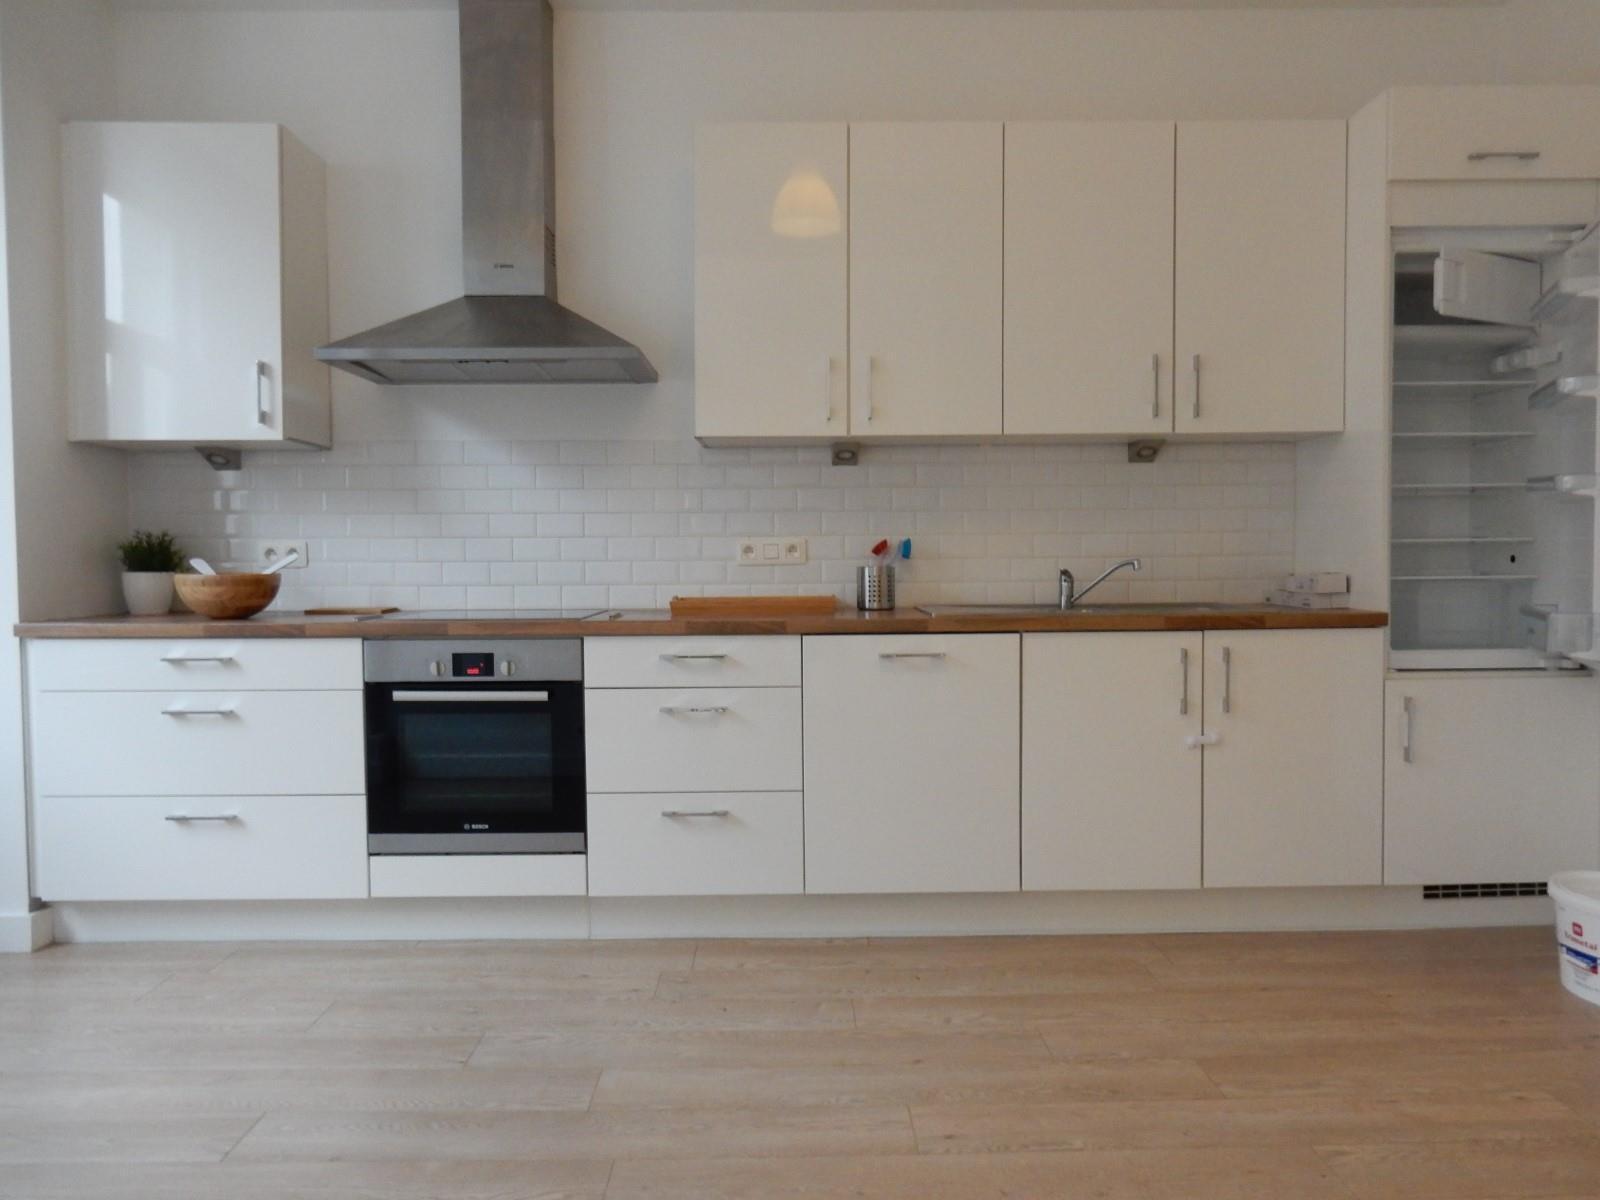 Flat - Ixelles - #3590598-2